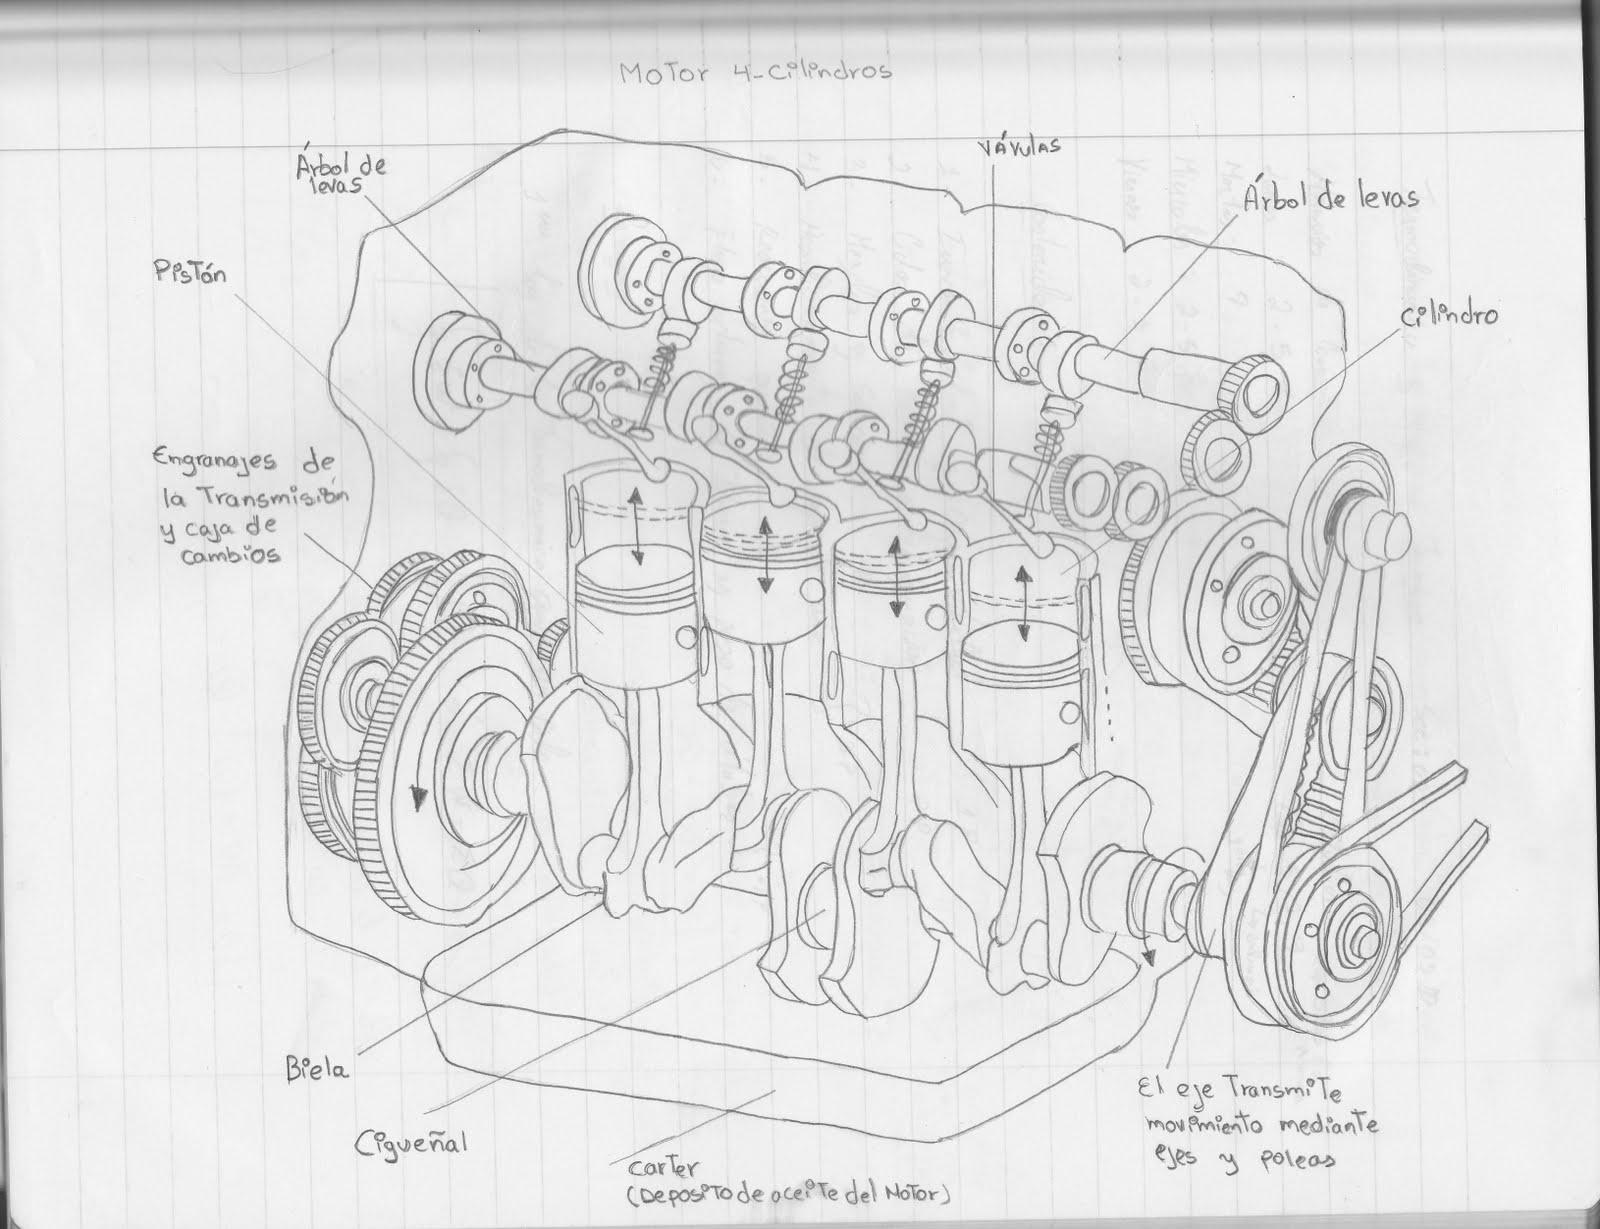 Fundamentos De Maquinas I Motor De 4 Tiempos